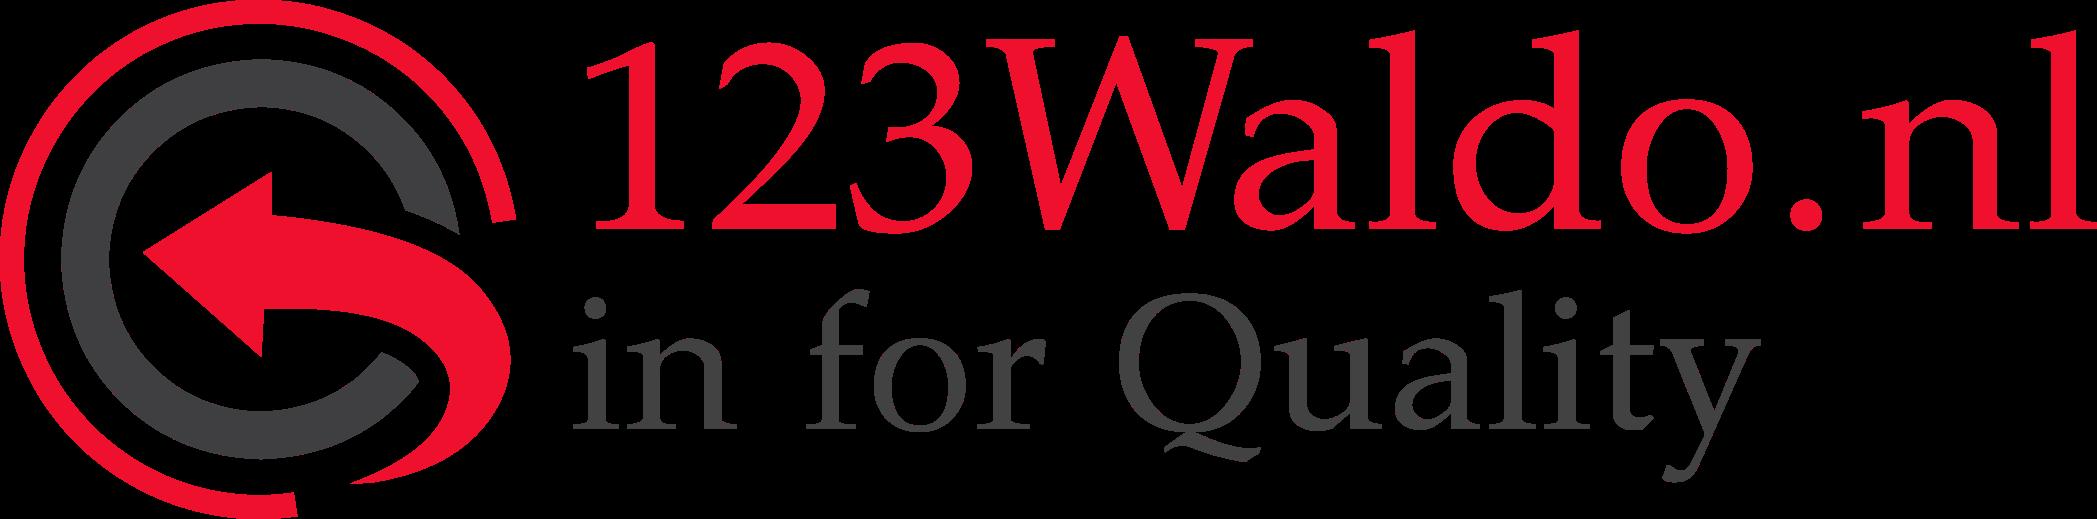 123 Waldo